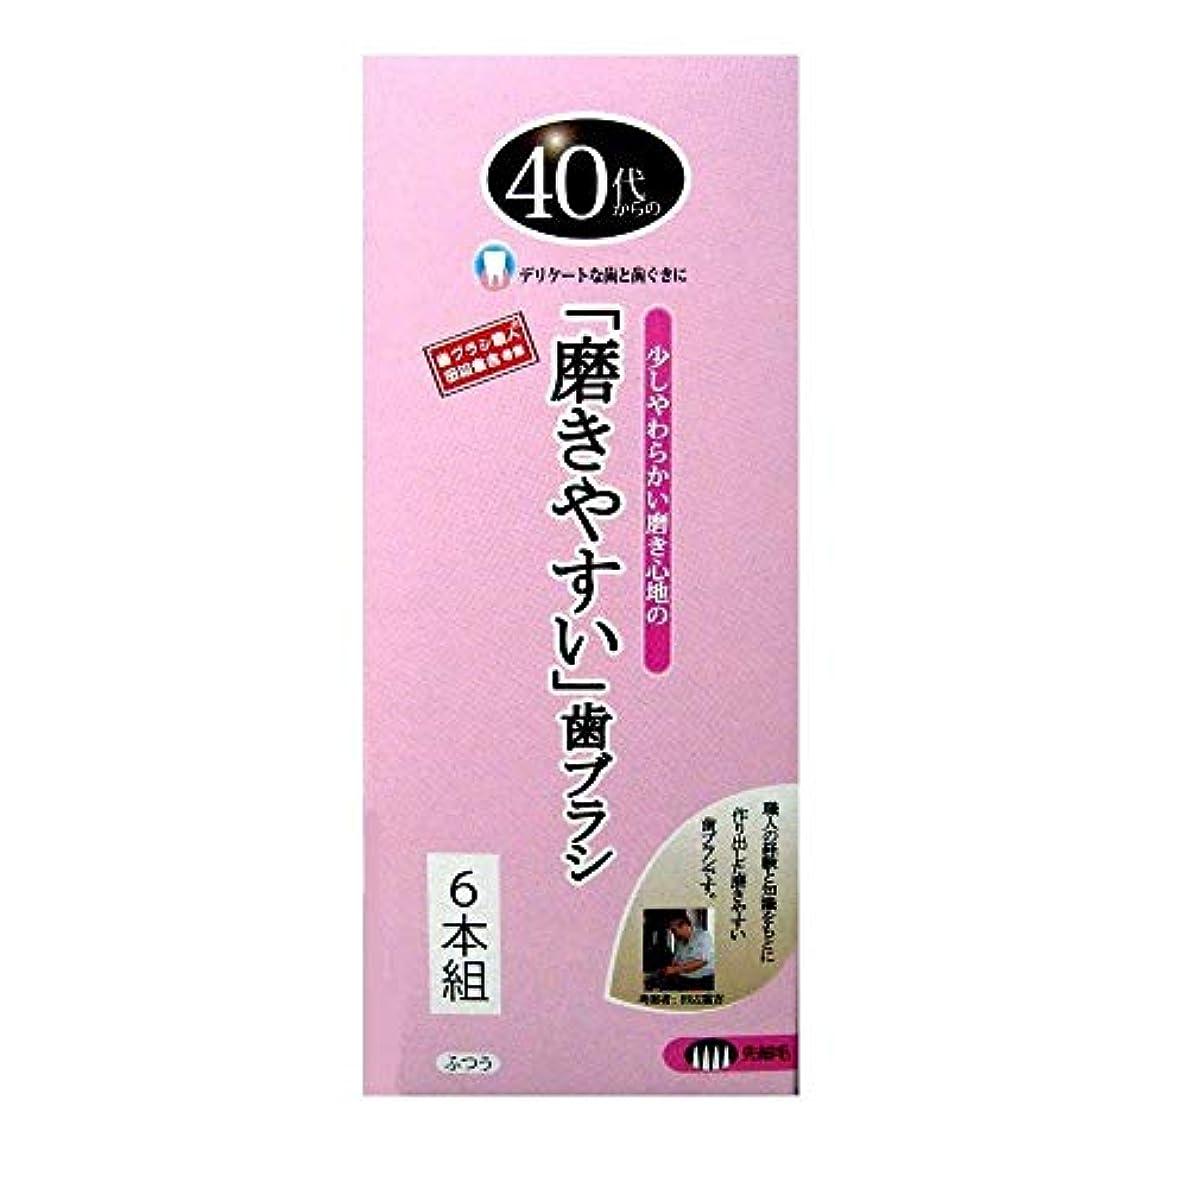 なんでものれん画家歯ブラシ職人 Artooth ® 田辺重吉の磨きやすい 40代からの歯ブラシ 歯ぐきにやさしい 細めの毛 先細毛 日本製 6本セットLT-15-6